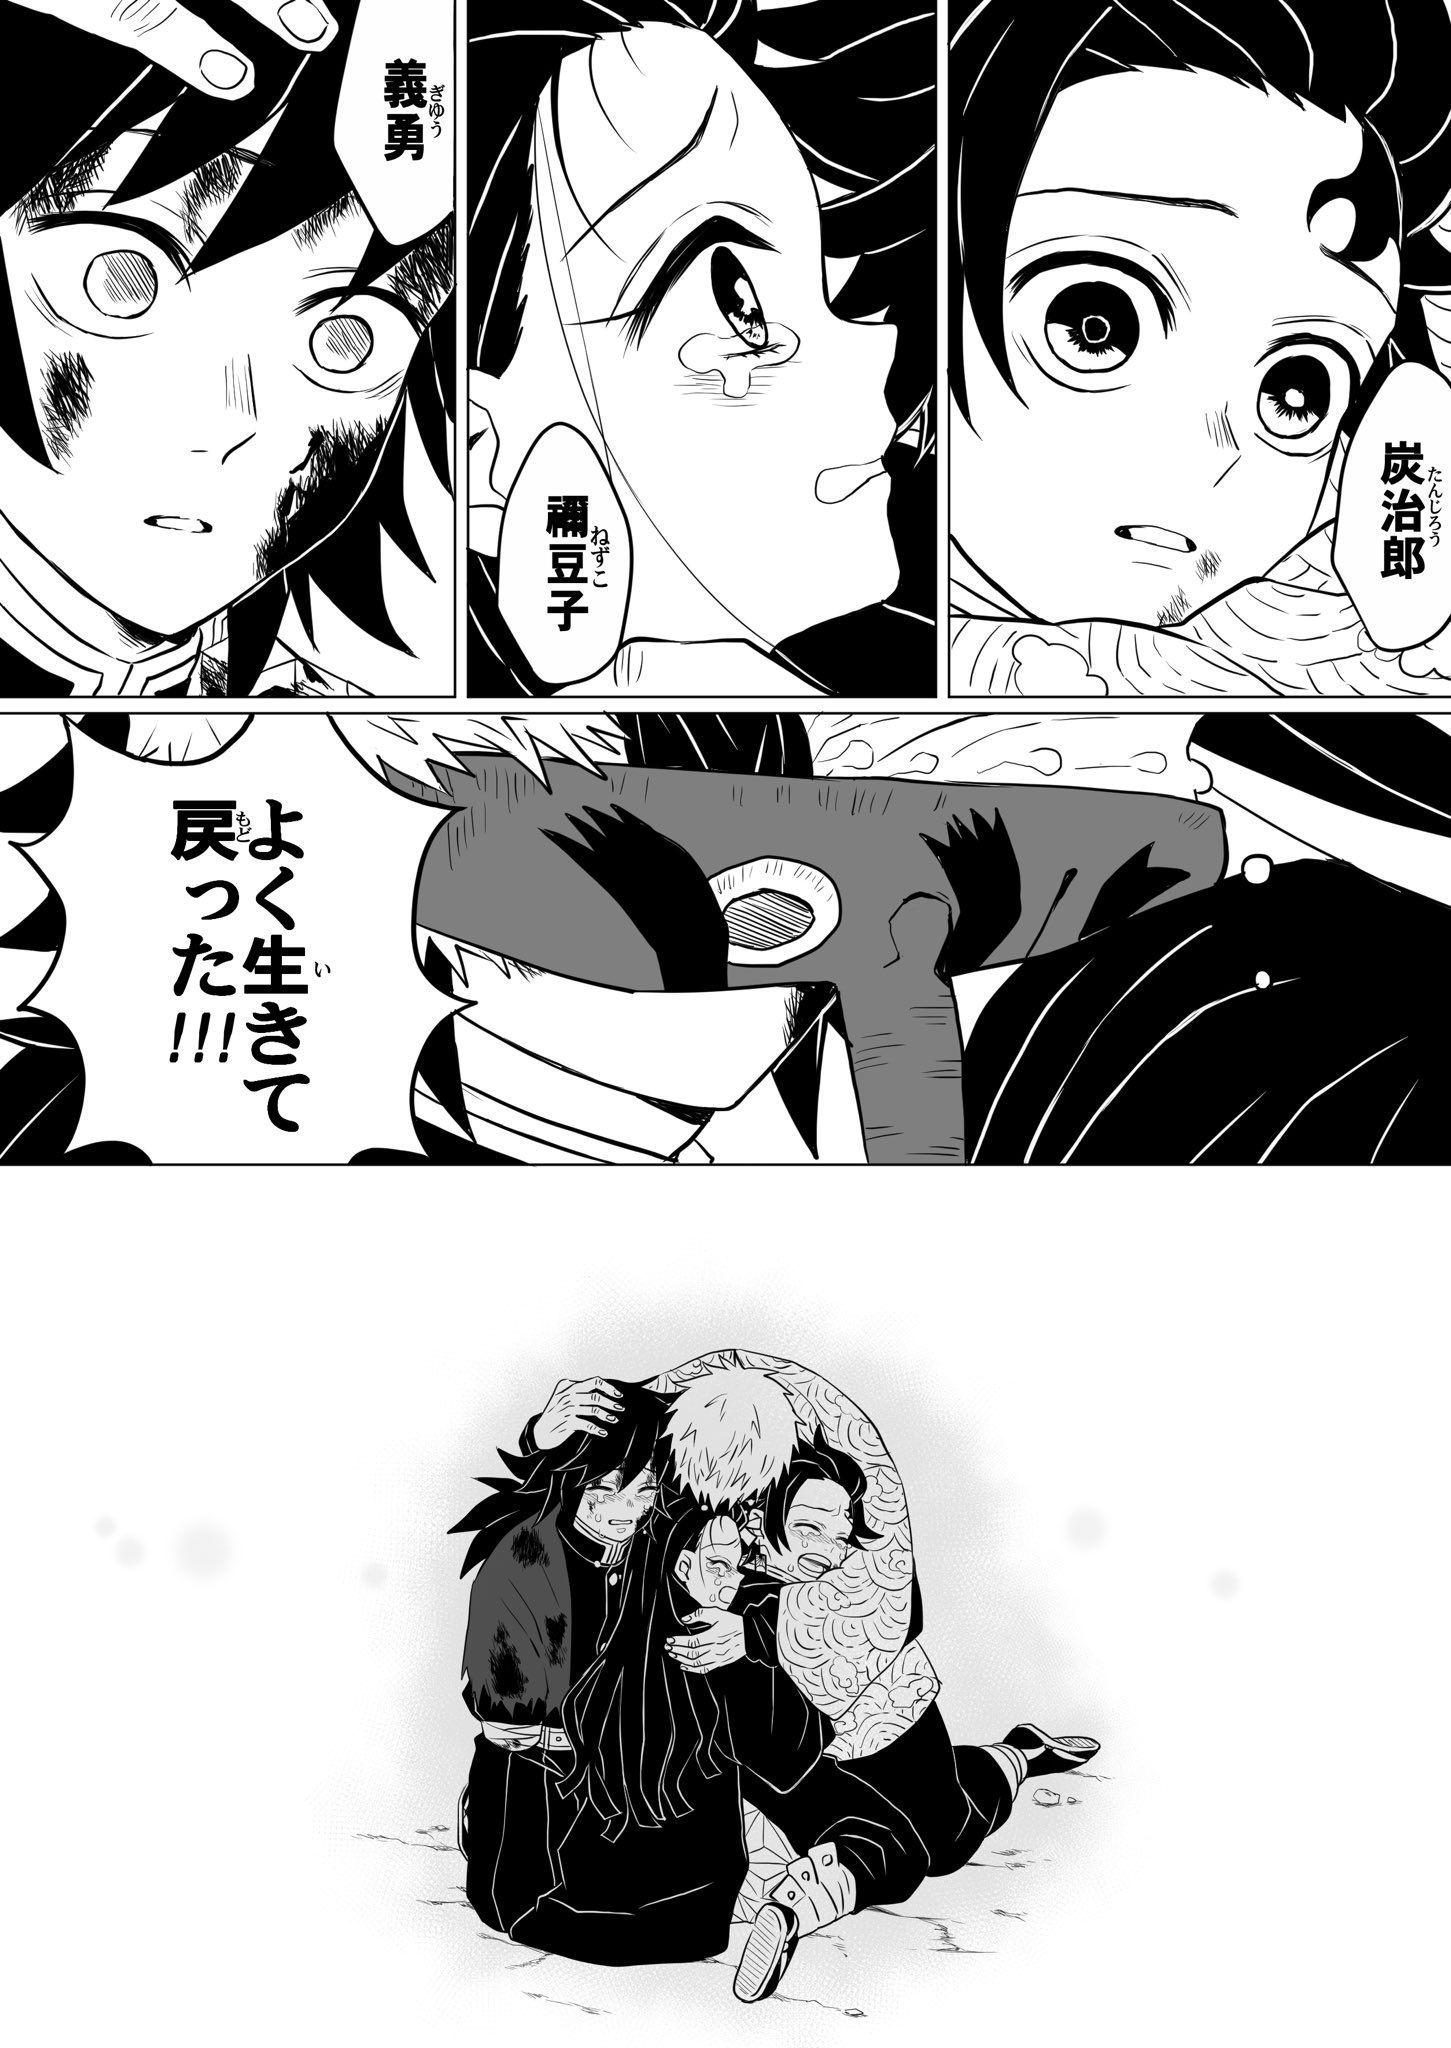 忍 on twitter slayer anime cute manga girl anime